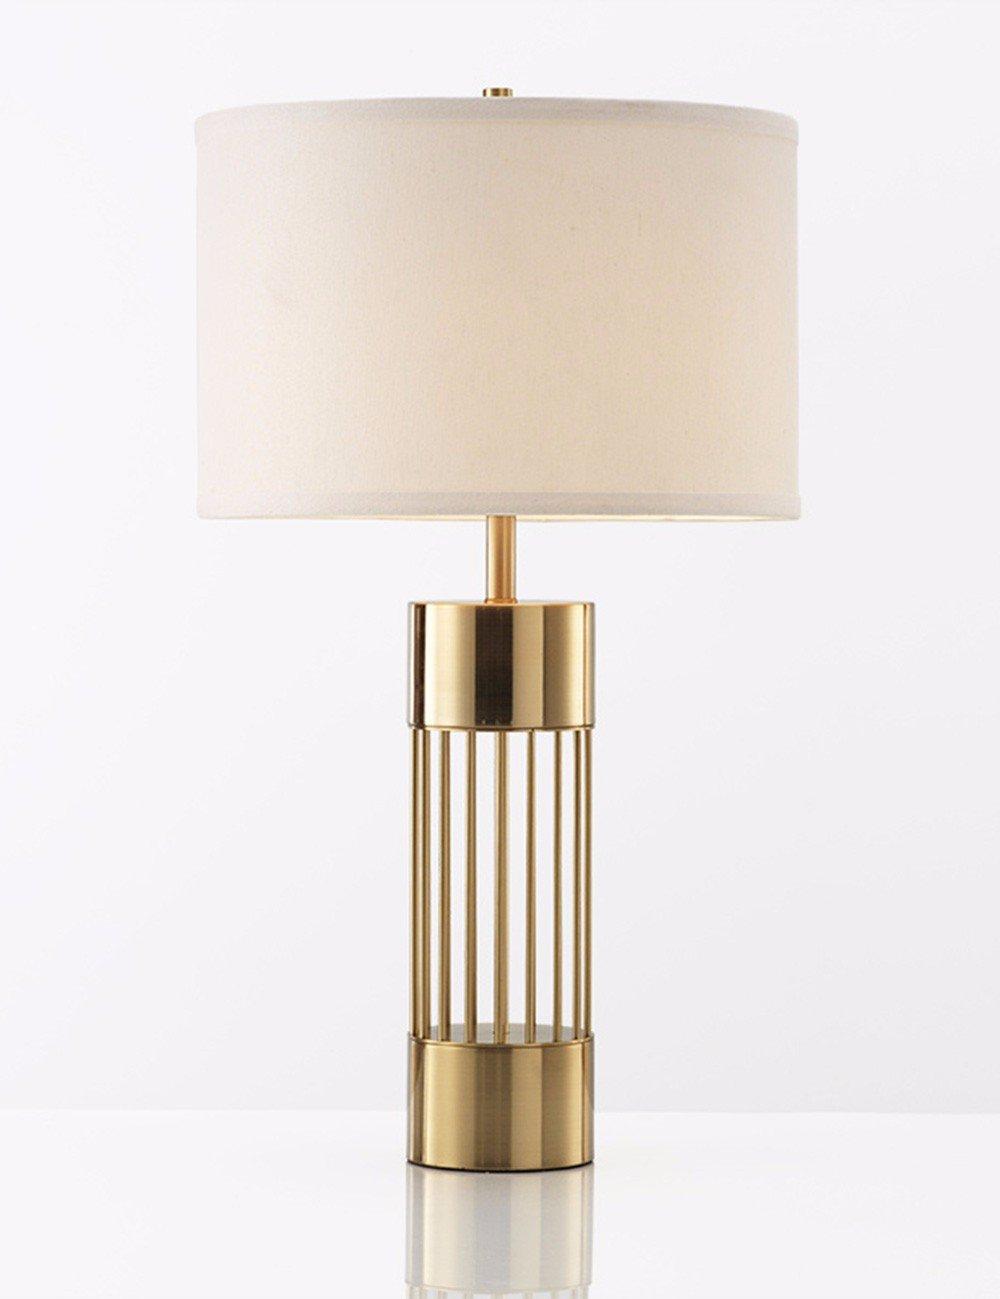 CJSHV-post moderno della personalità di rame lampada da tavolo, nordic modello semplice stanza accogliente sala creativi, studio, comodino lampada